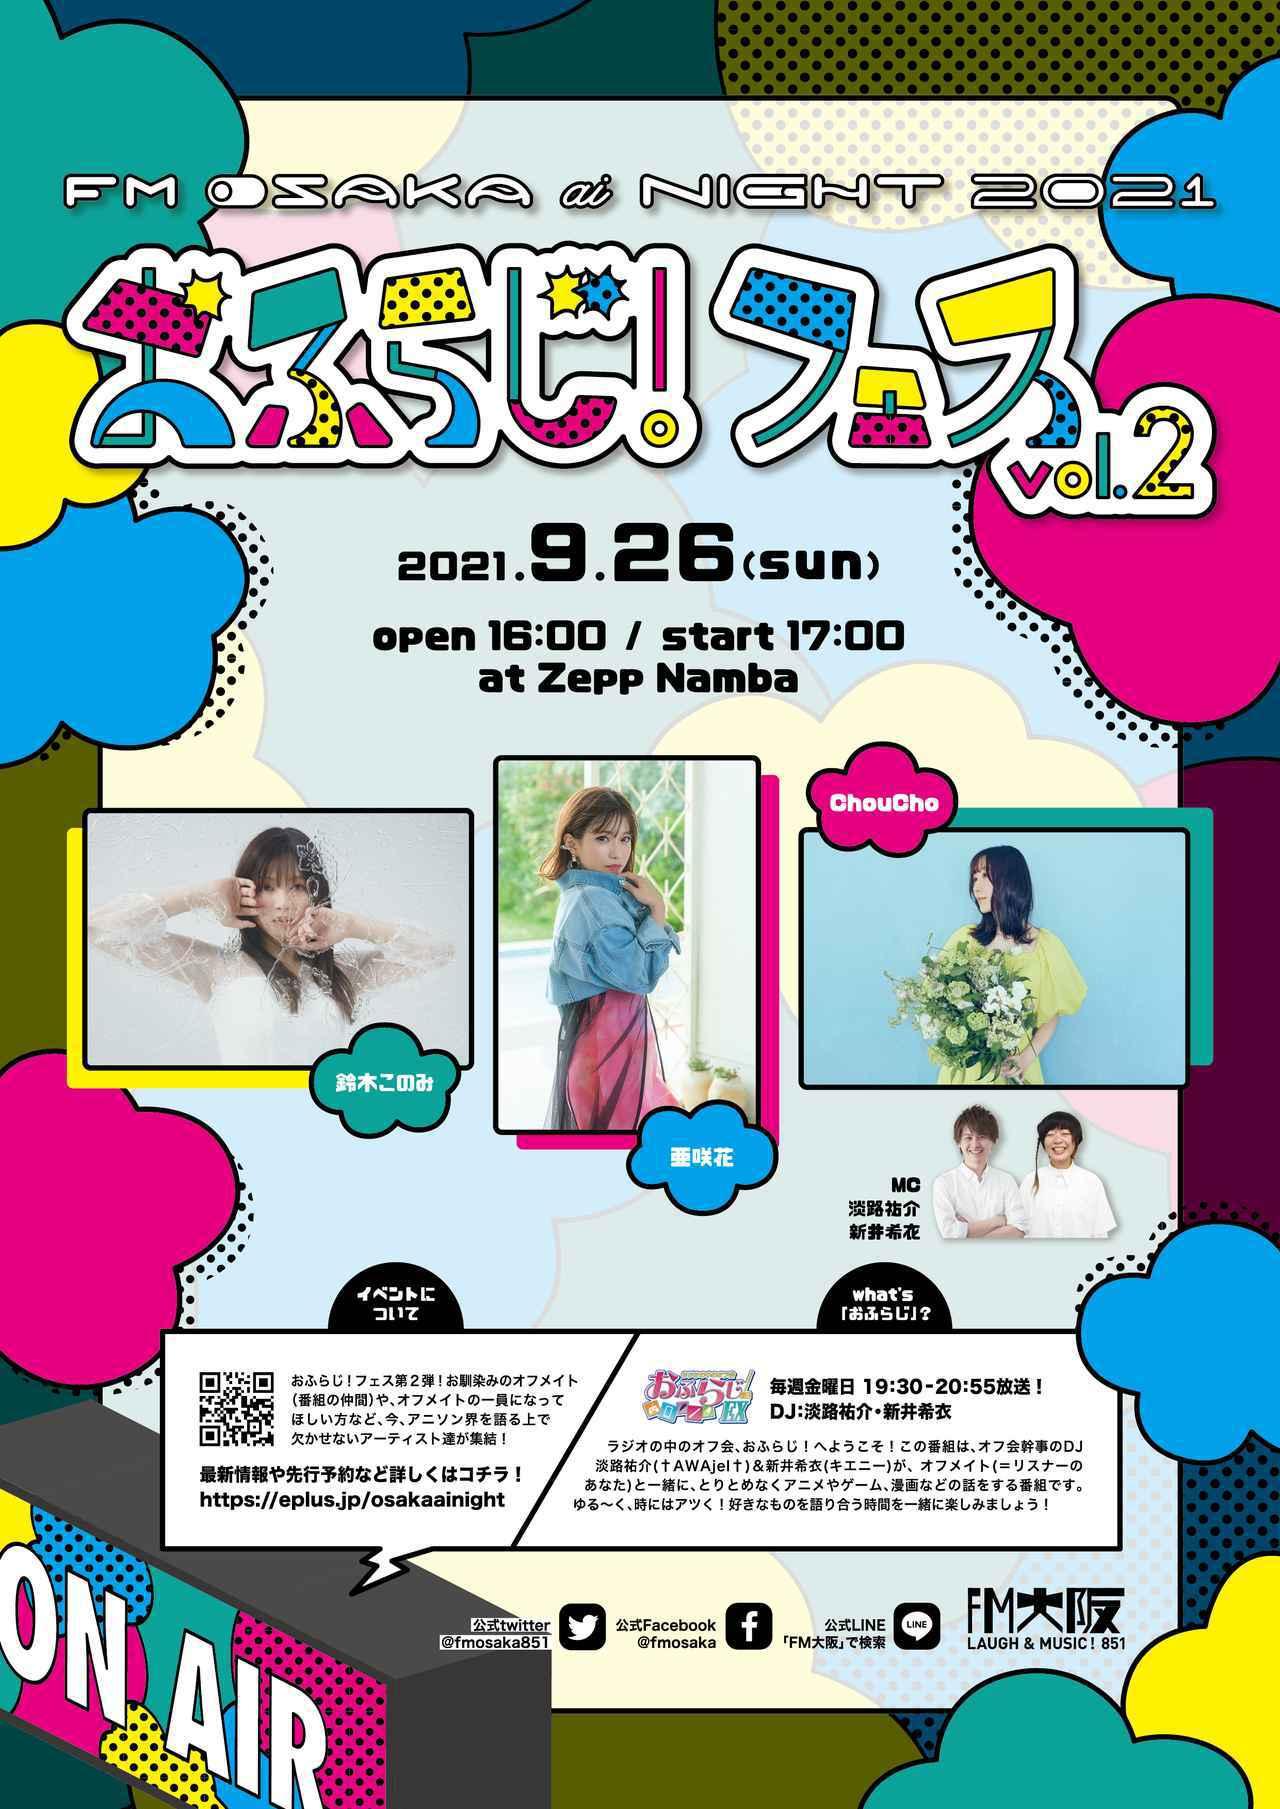 画像: 【チケット先着受付中!】 FM OSAKA ai Night 2021 ~おふらじ!フェス vol.2~ - FM大阪 85.1